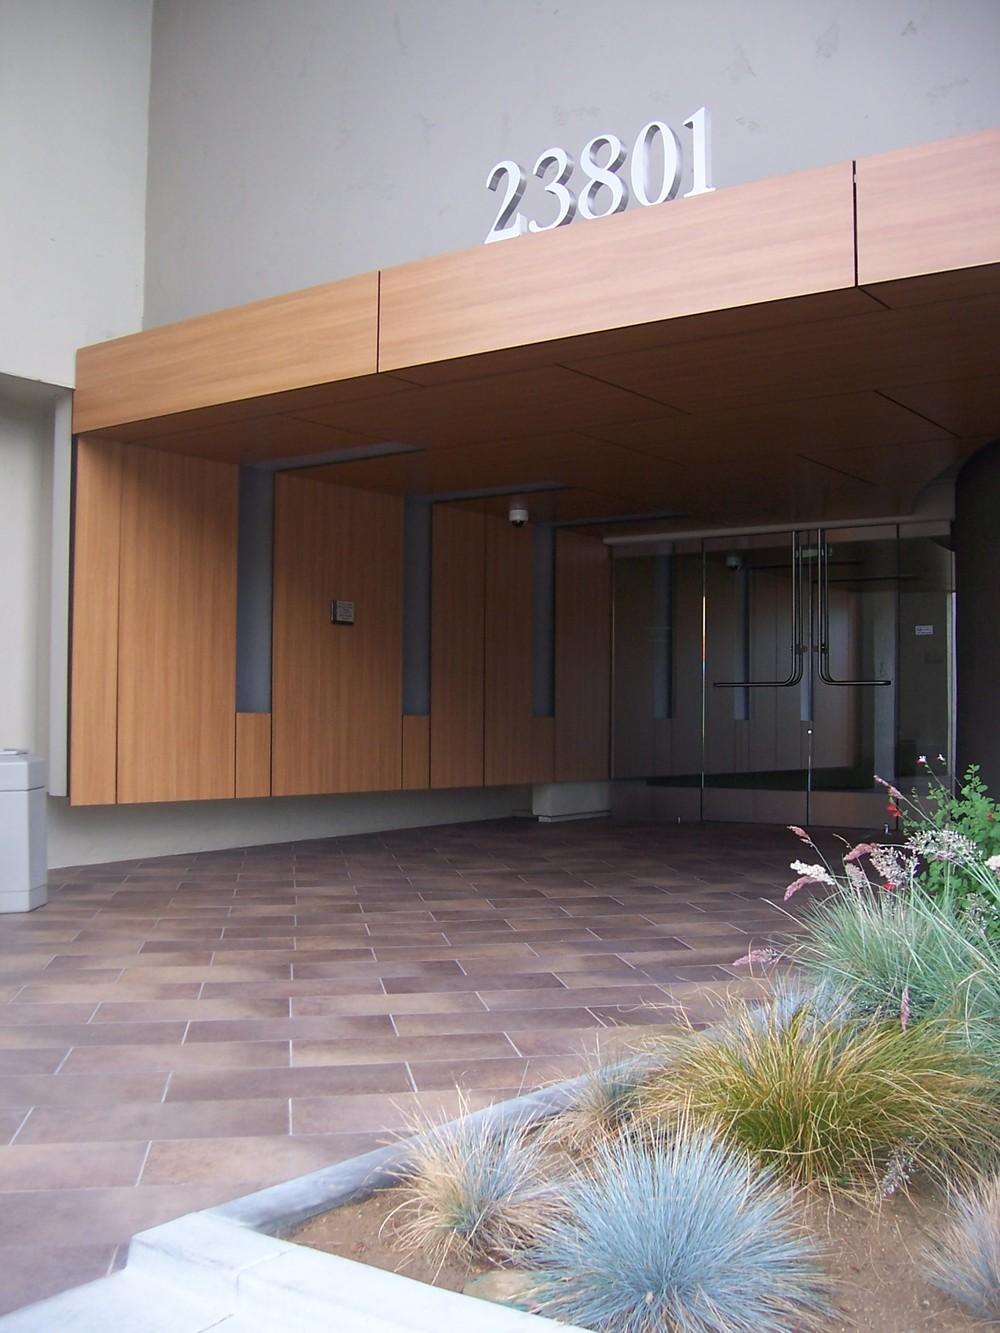 CALABASAS OFFICE  PARK